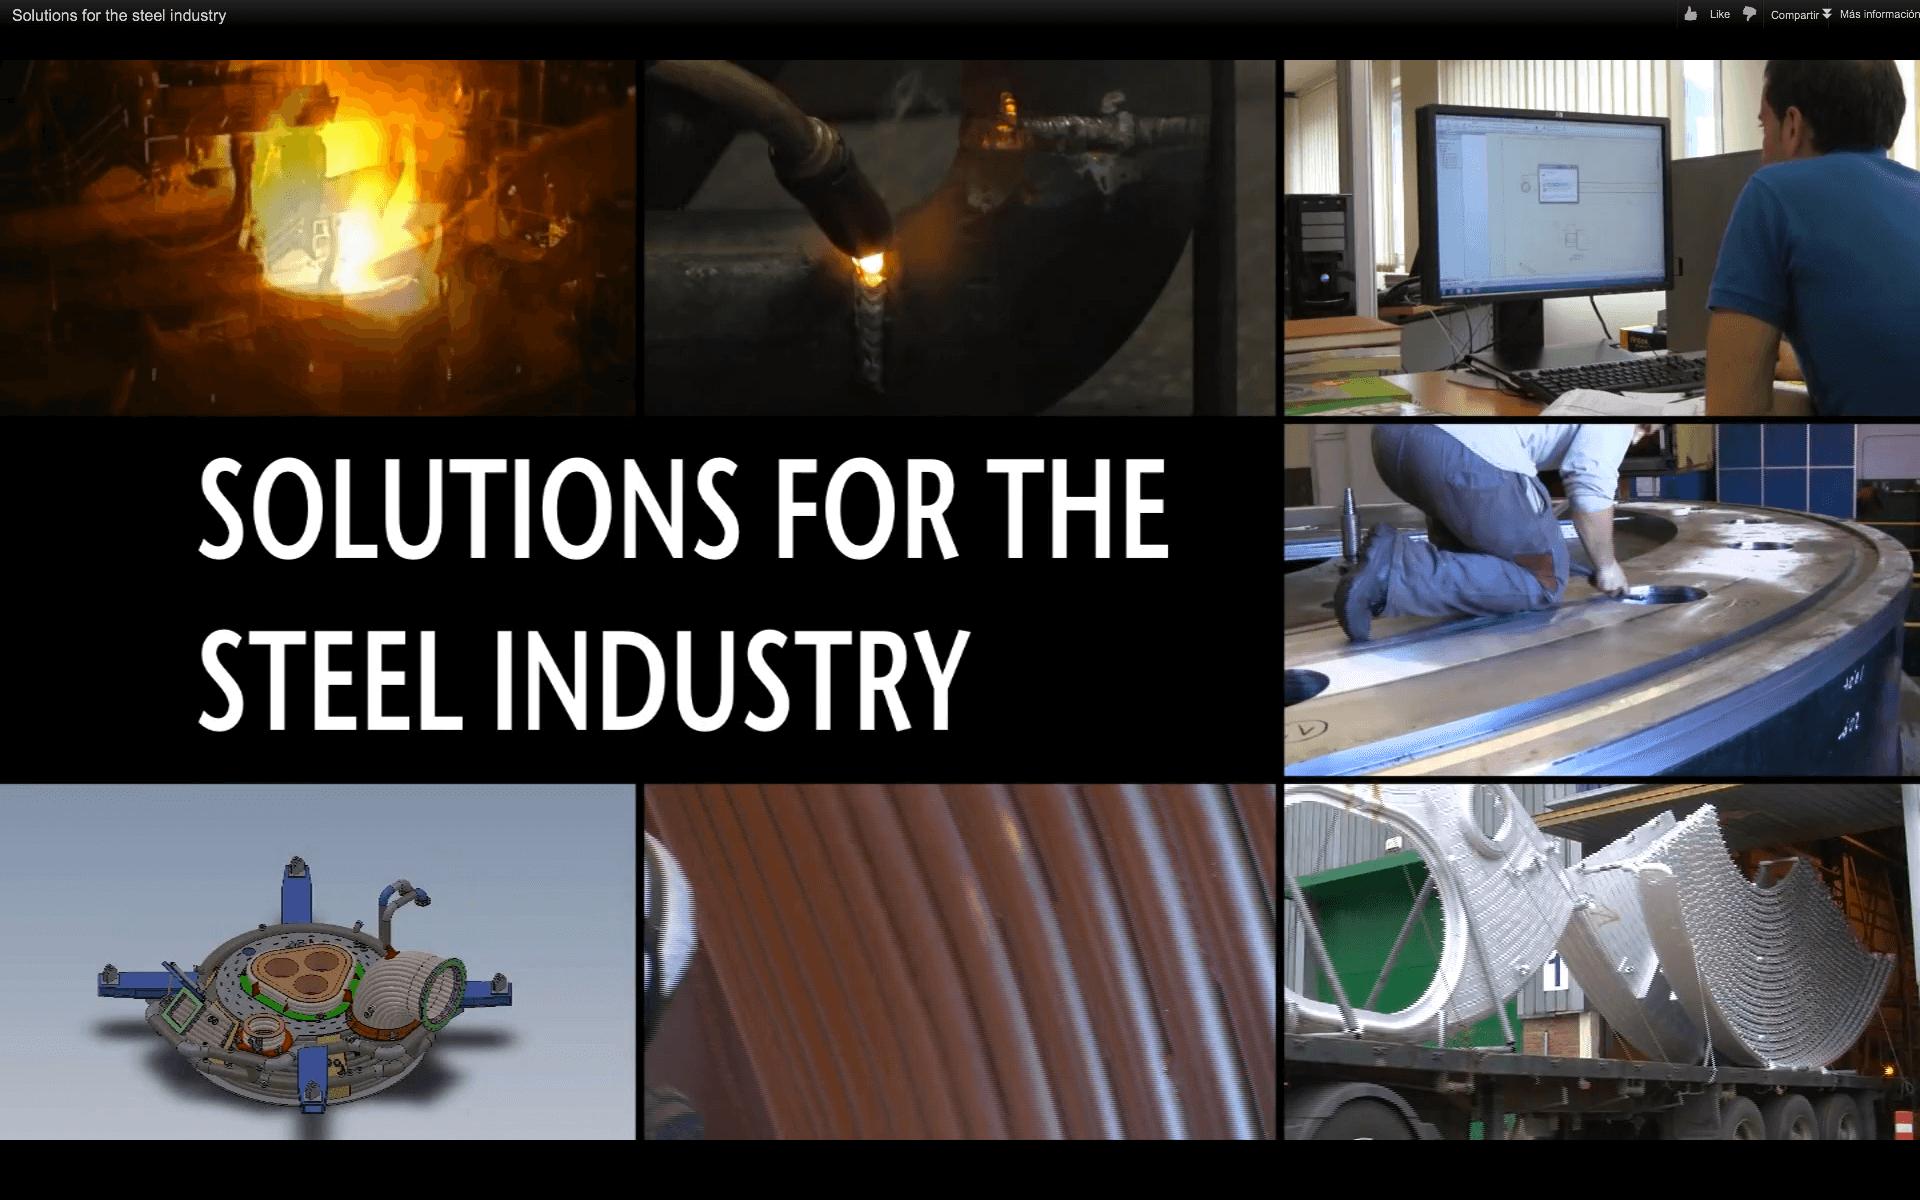 Soluciones para la siderurgia